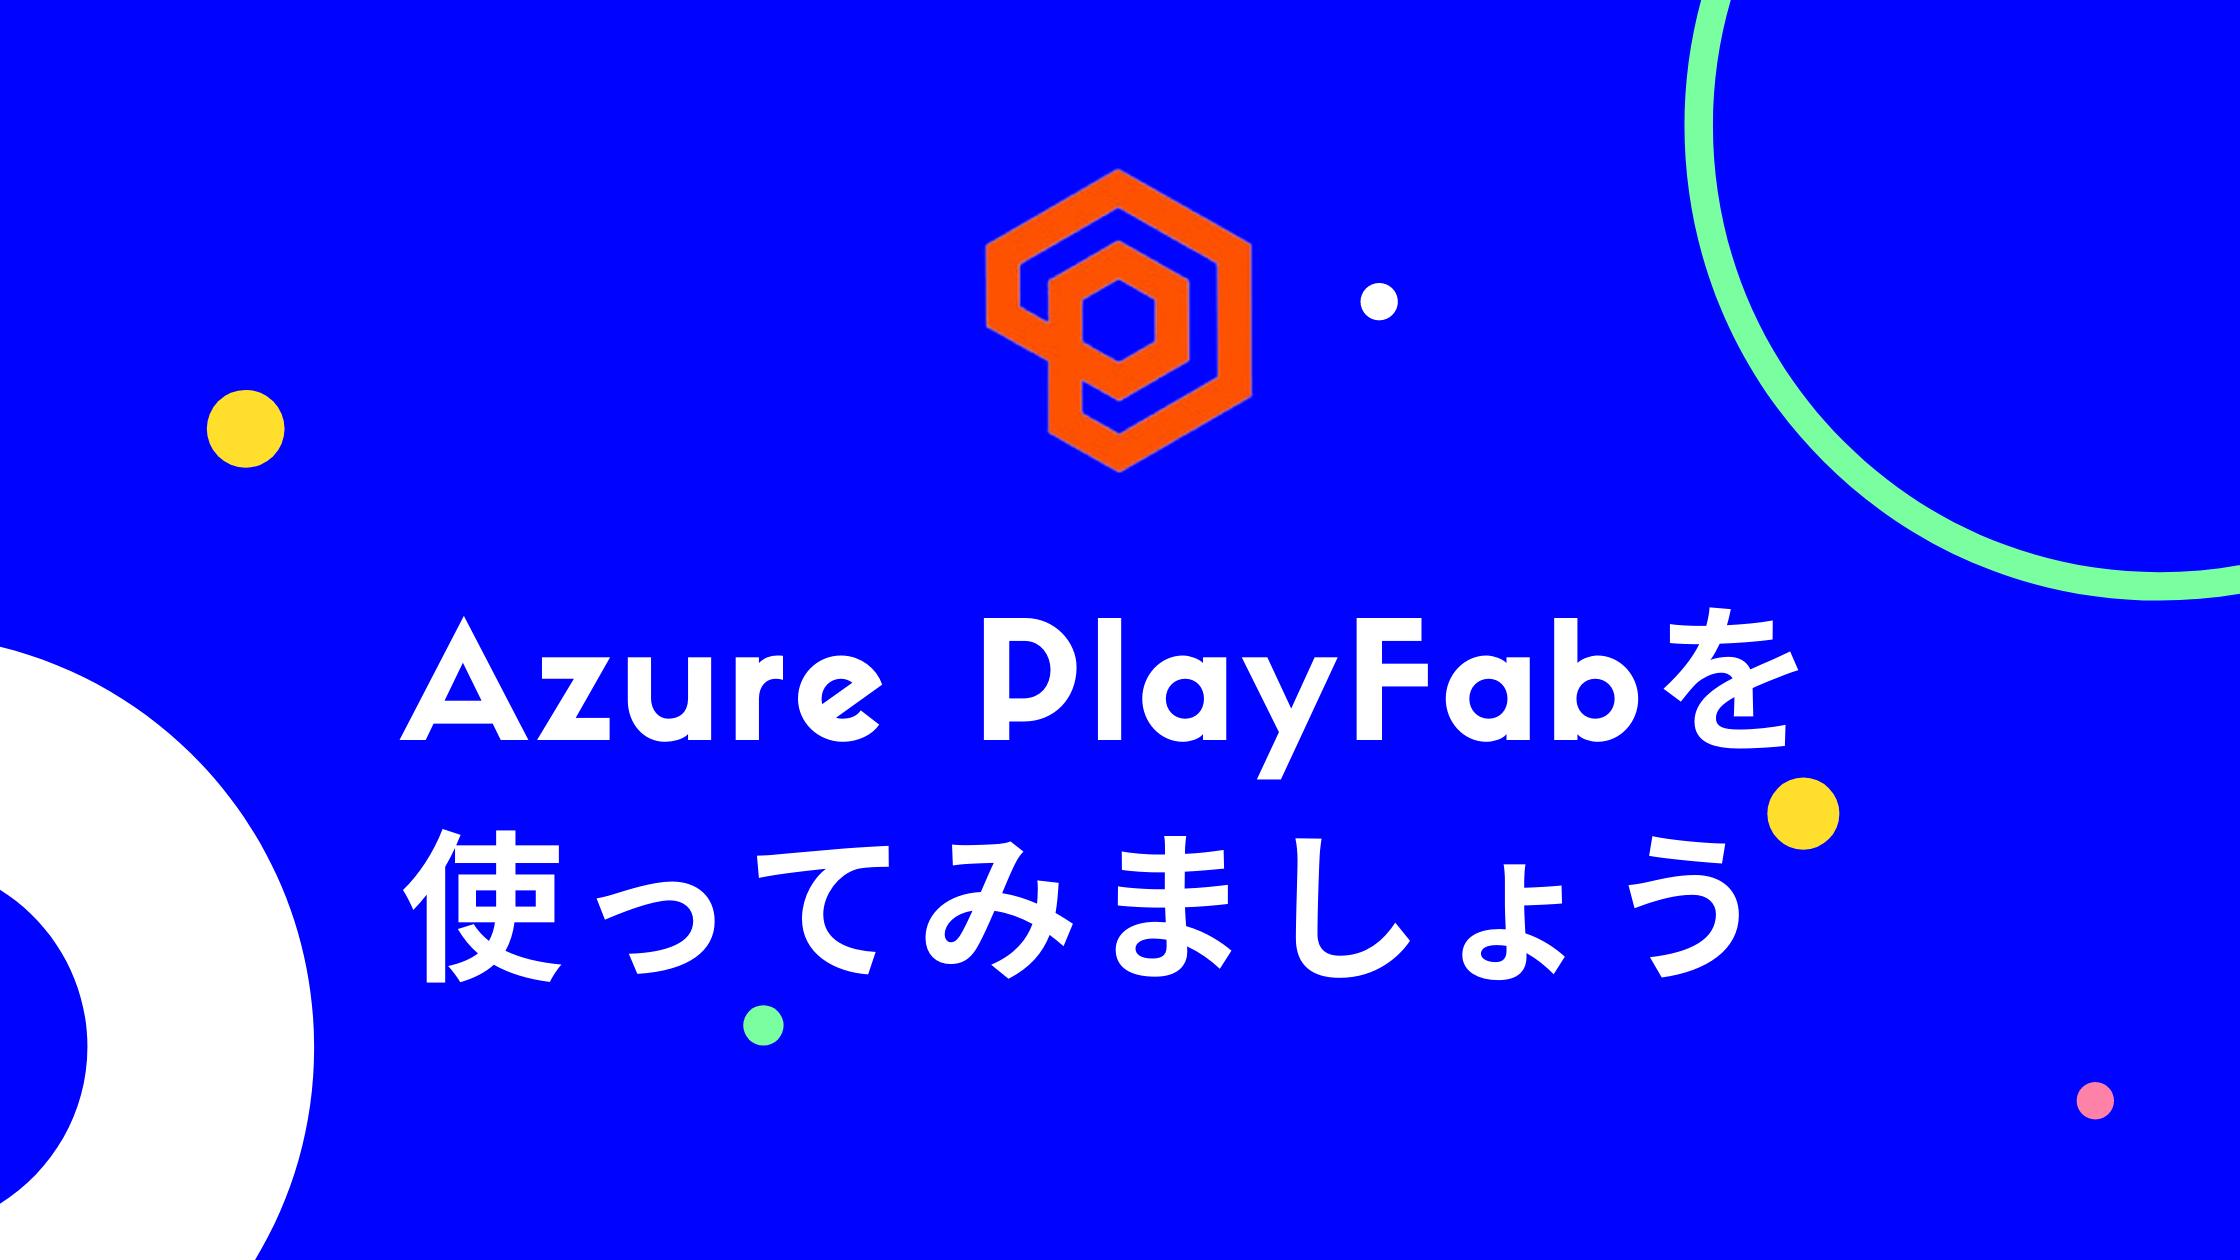 Azure PlayFabを使ってみましょう